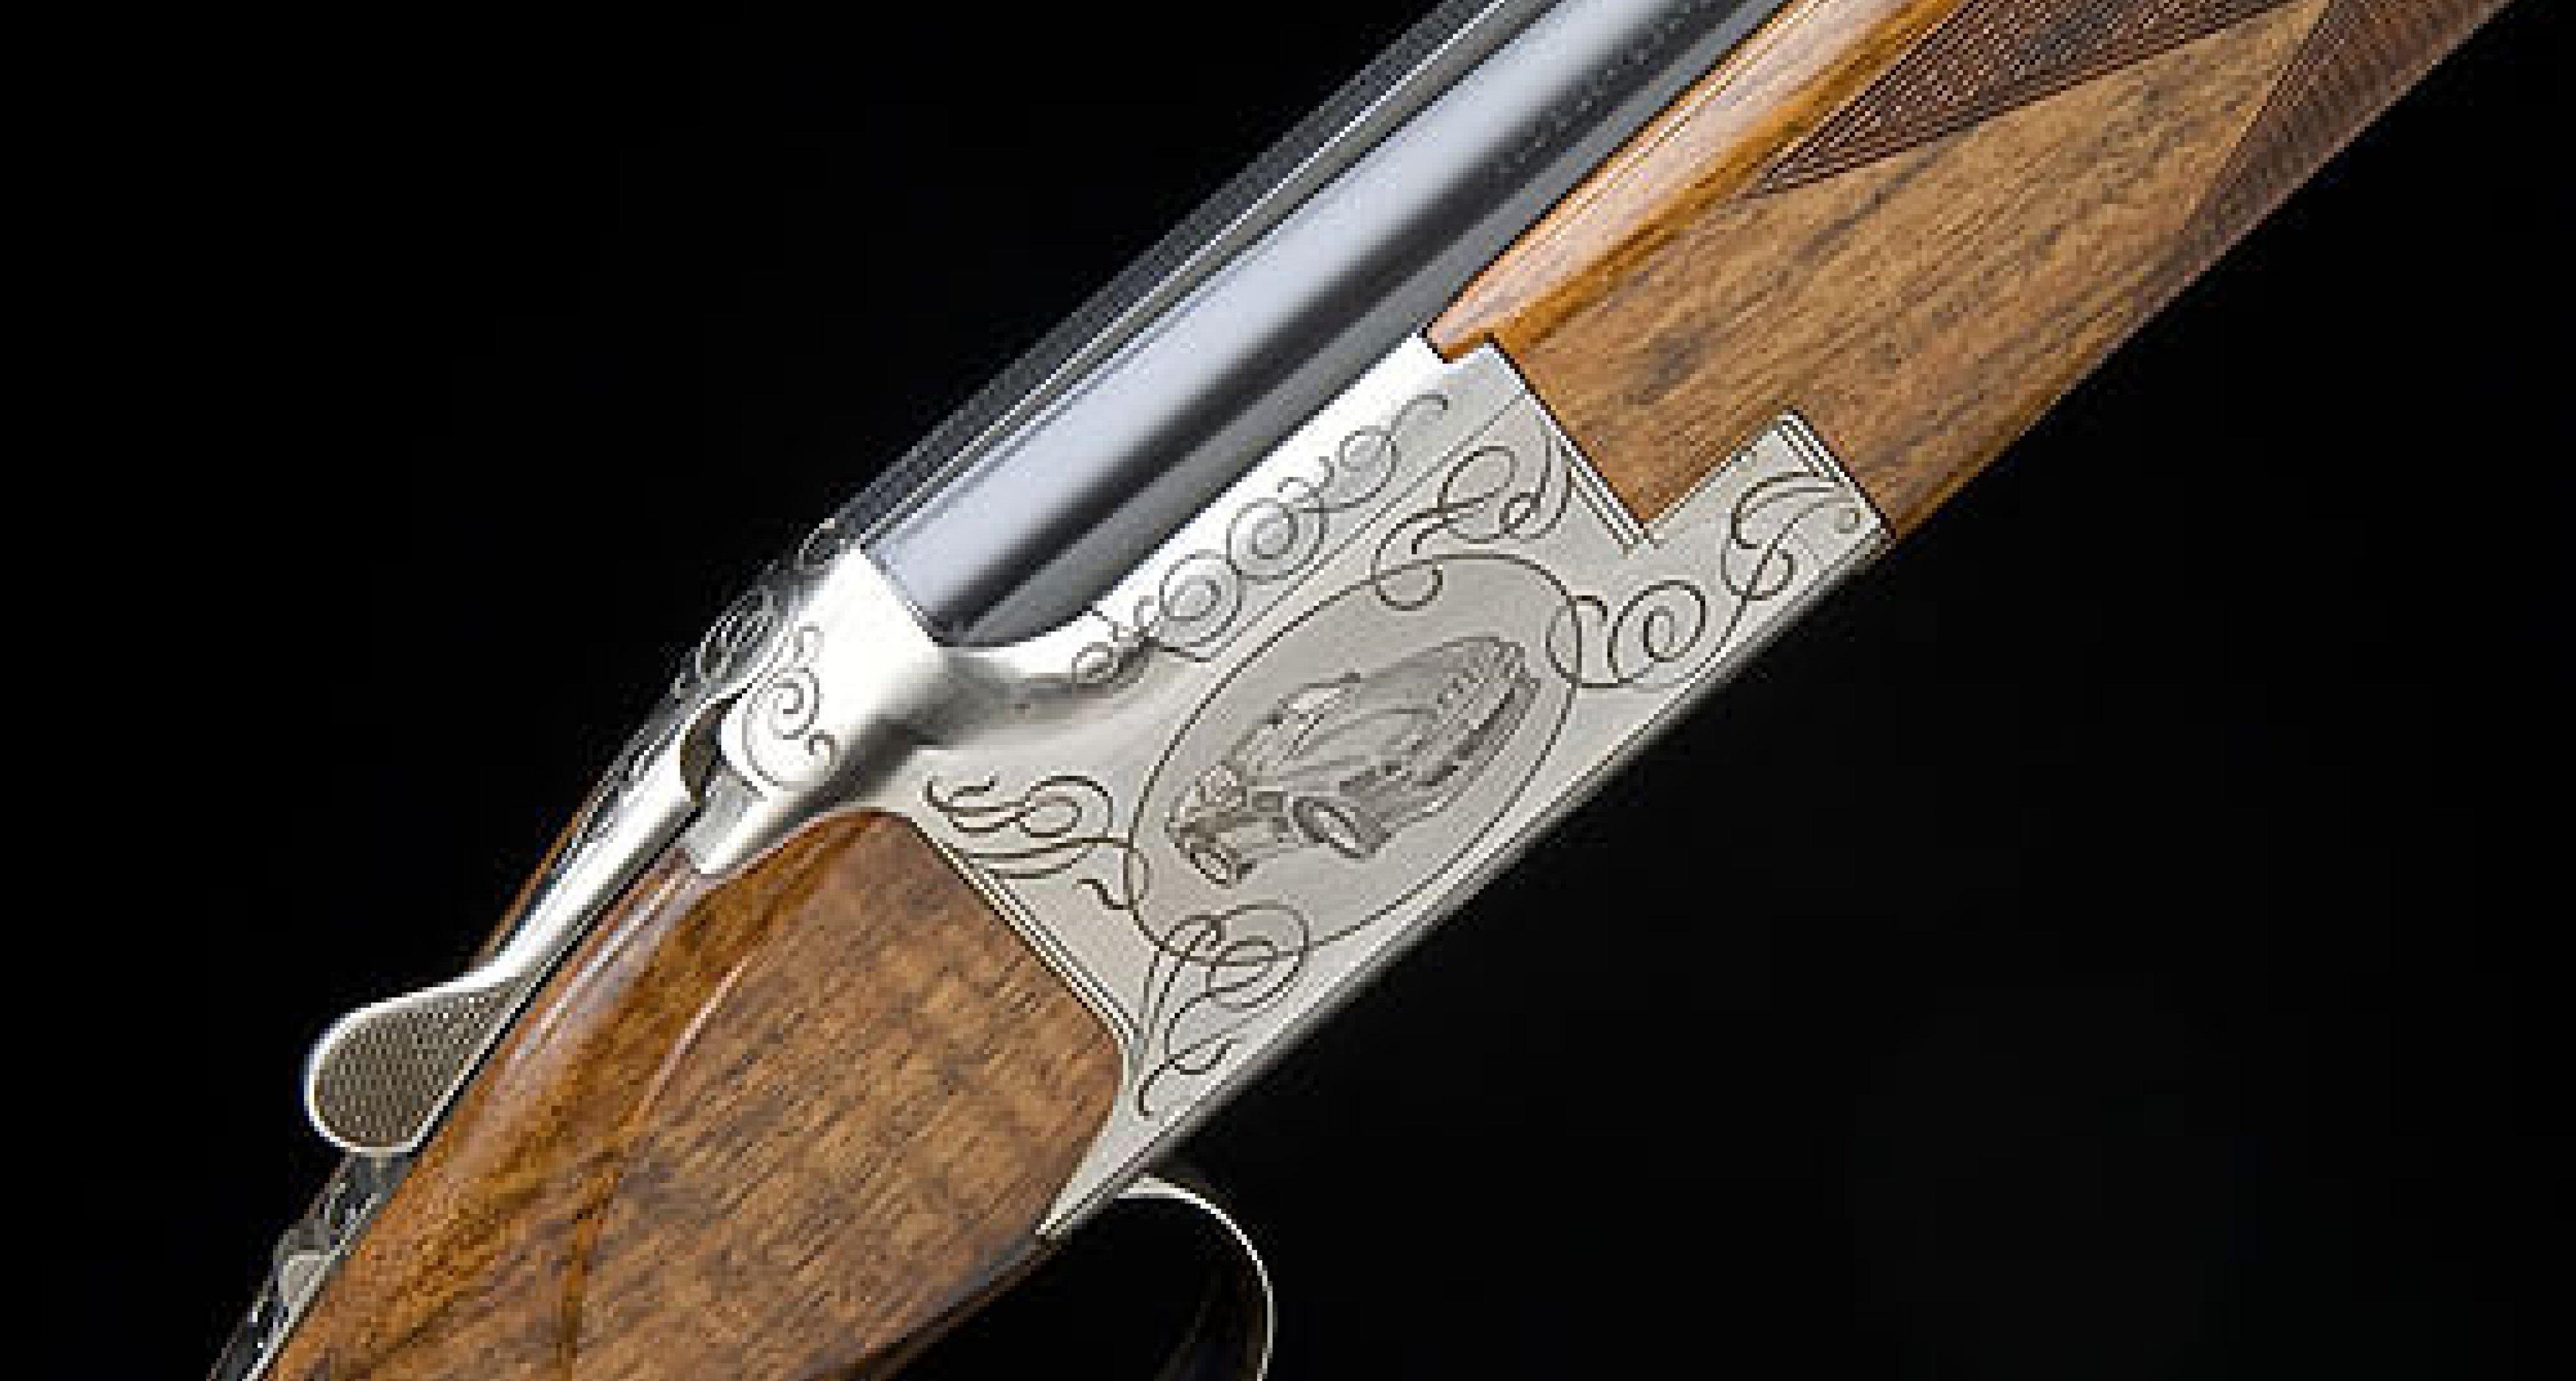 Aston Martin Shotgun Under the Hammer